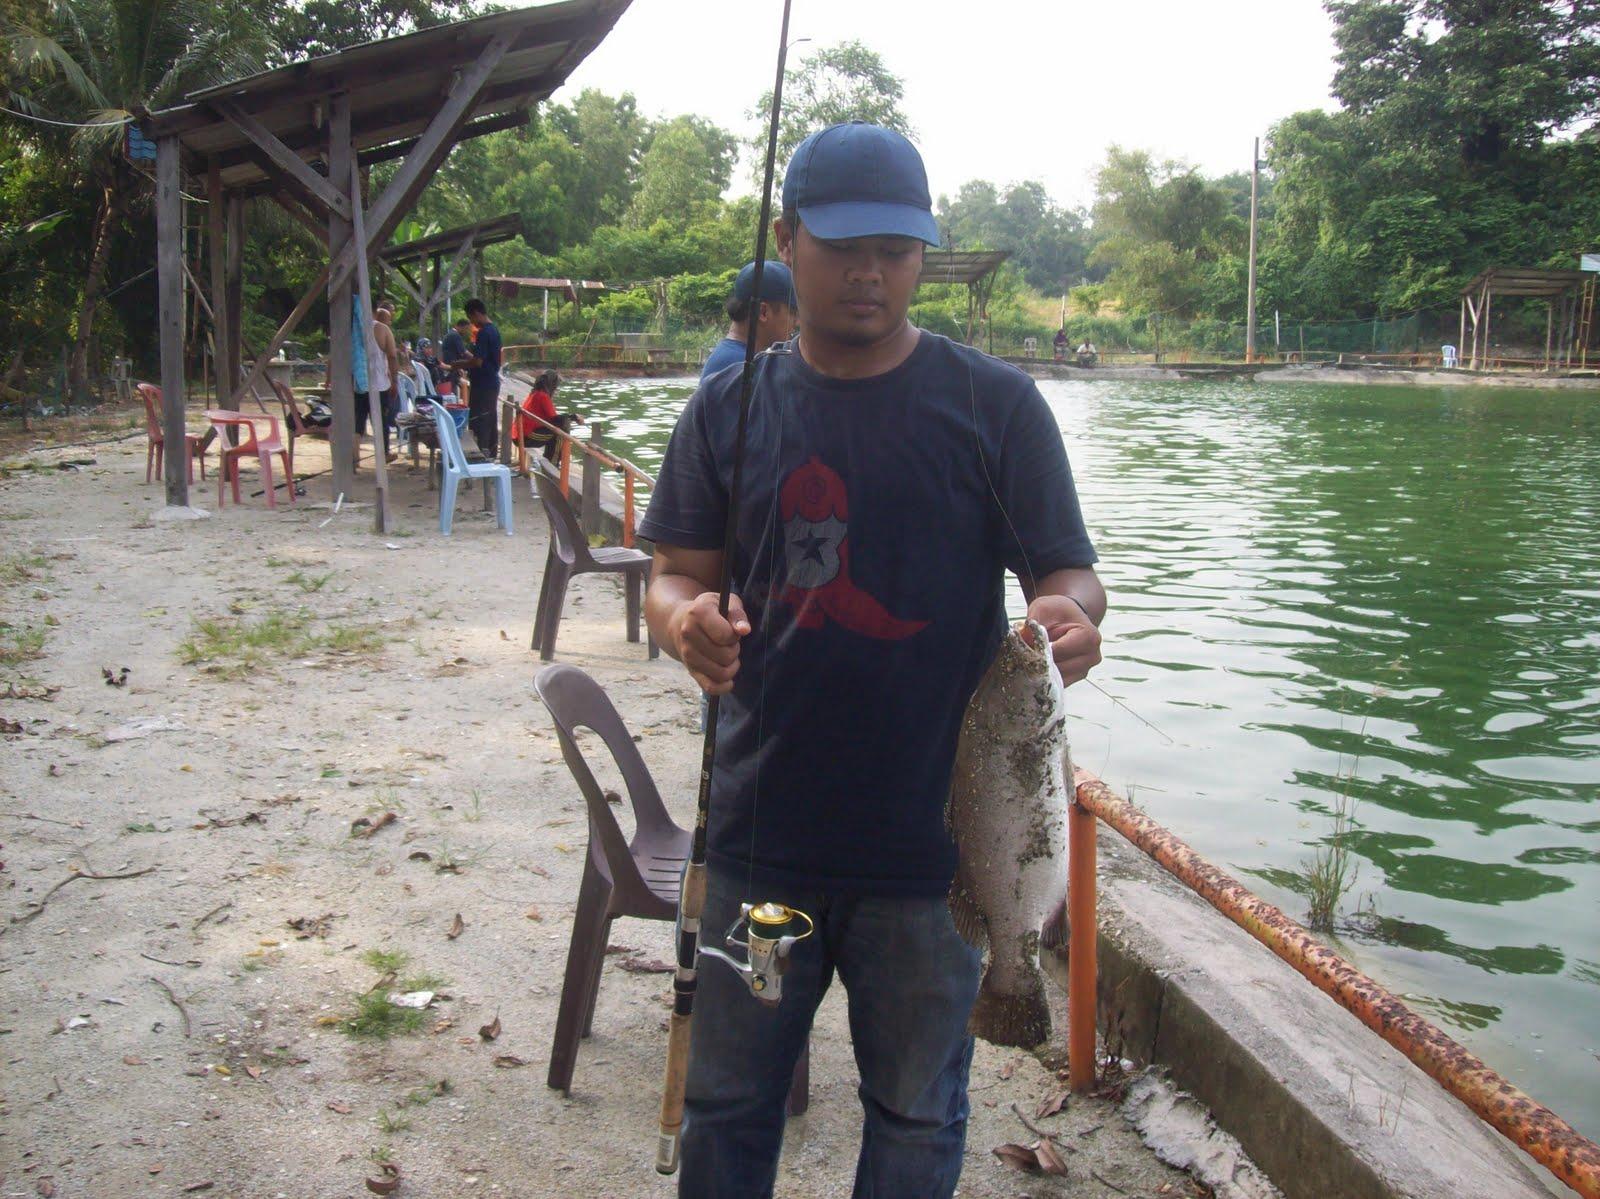 Fishing Equipment May 2010 Umpan Pancing Soft Tiddler Luminous Gid Hasil Dari Casting Dengan Udang Pasar Dibuang Kulit